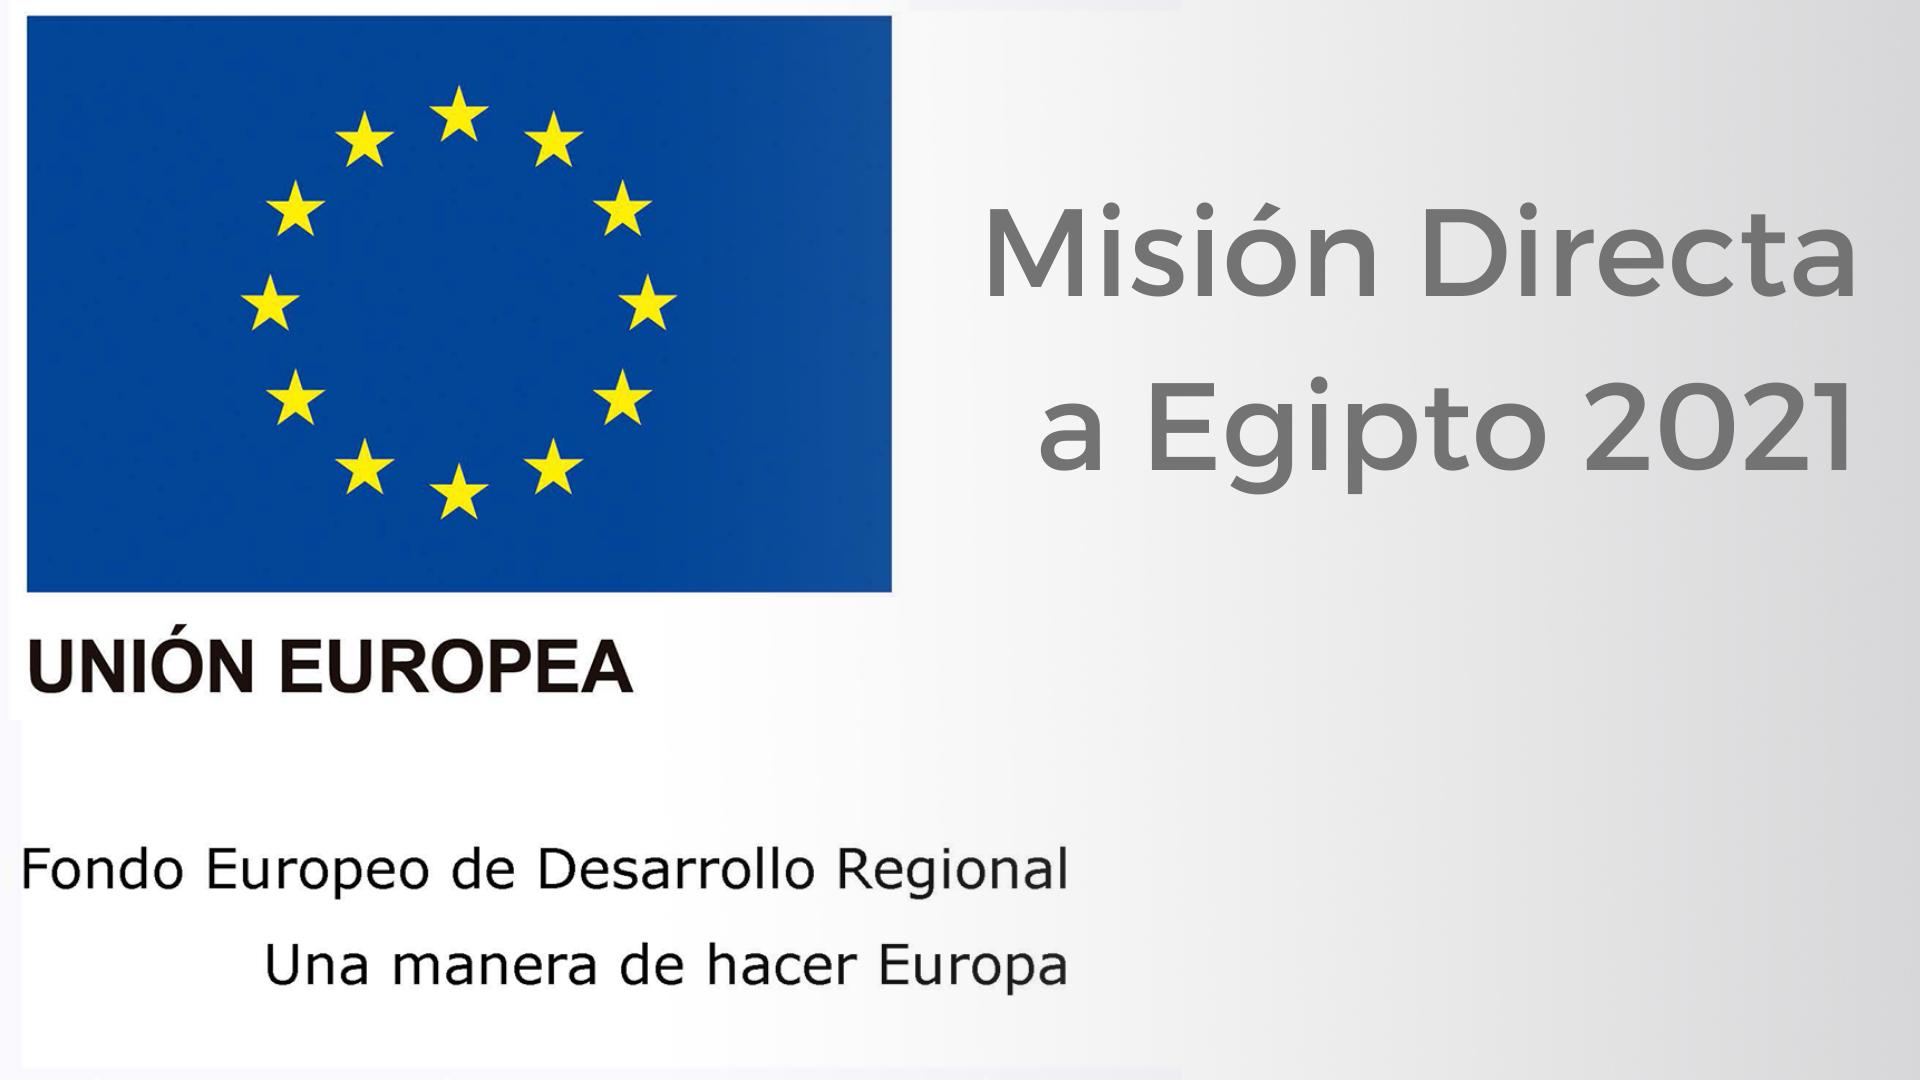 mision europea egipto 2021